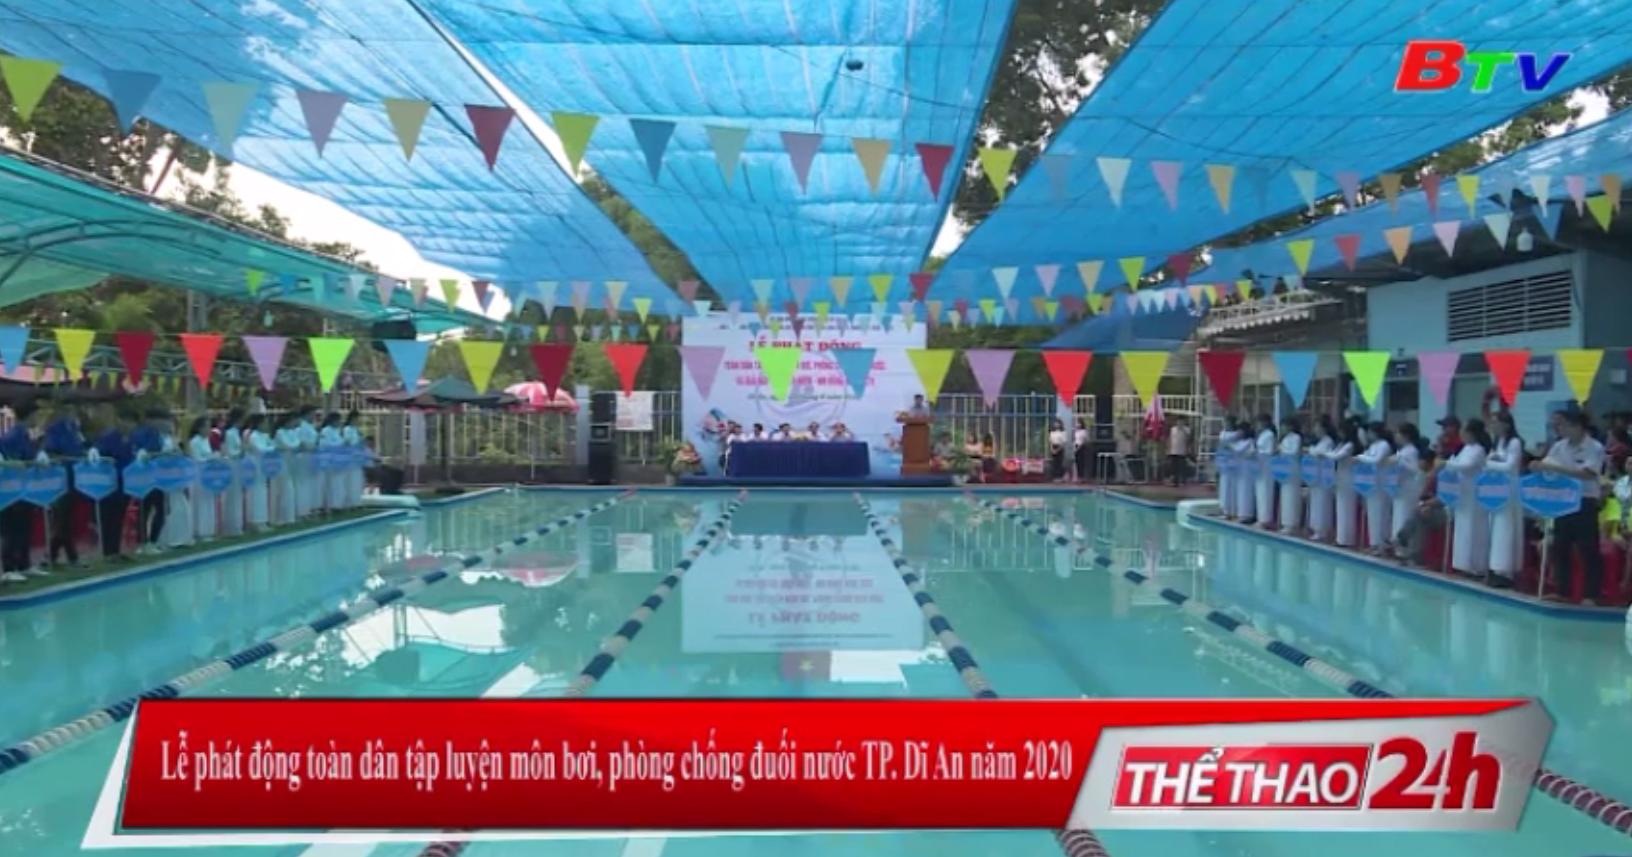 Lễ phát động toàn dân tập luyện môn bơi, phòng chống đuối nước TP. Dĩ An năm 2020